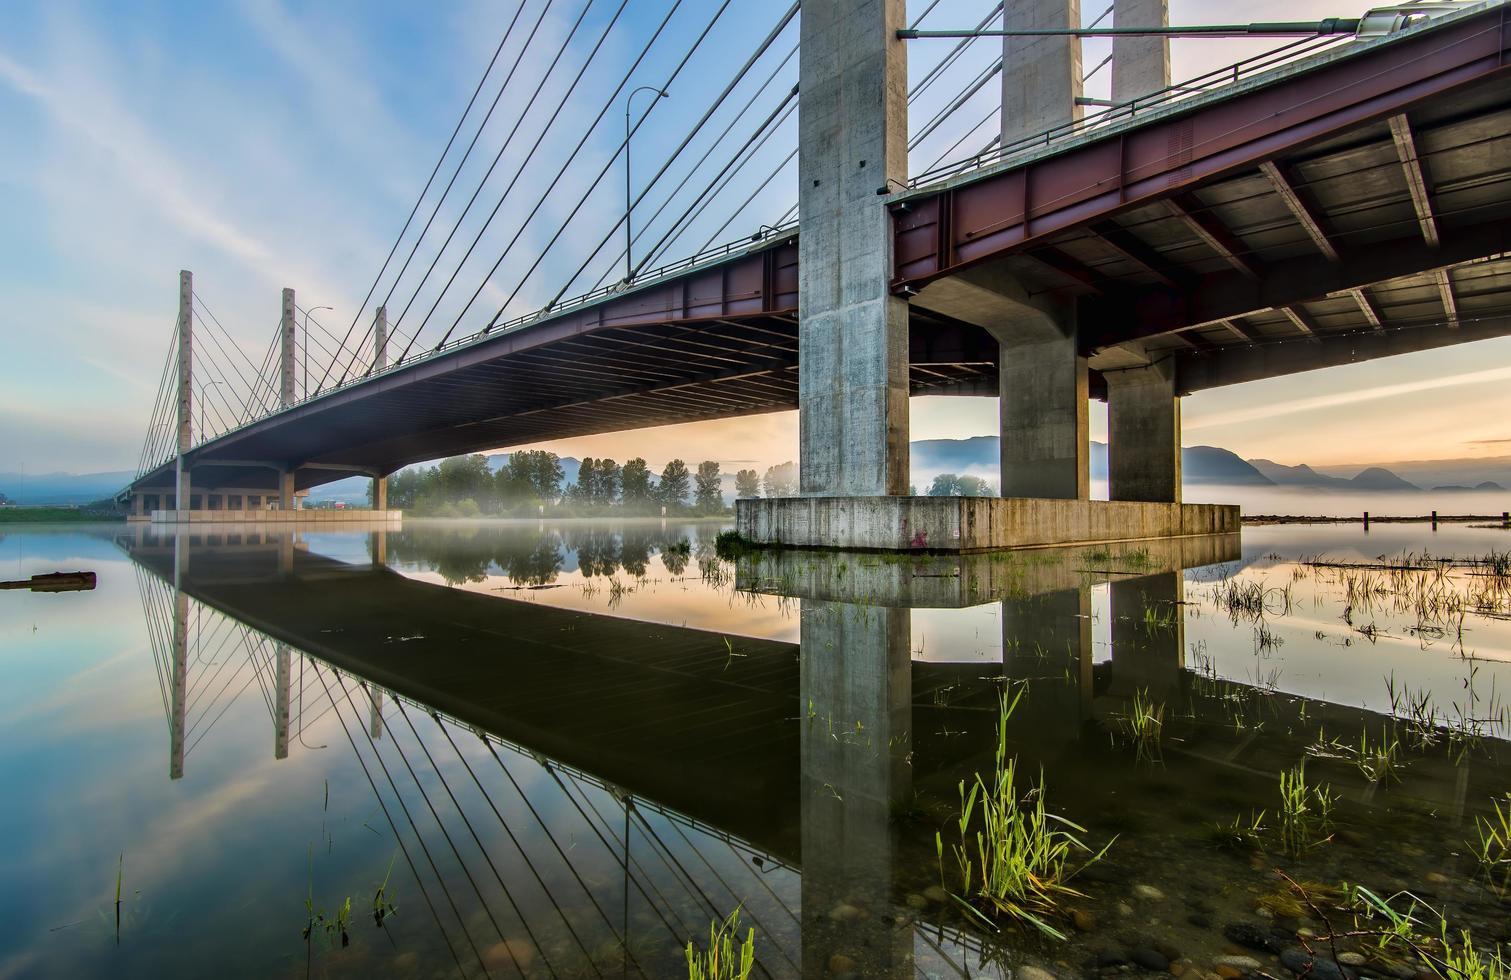 pitt rivierbrug in de schemering foto